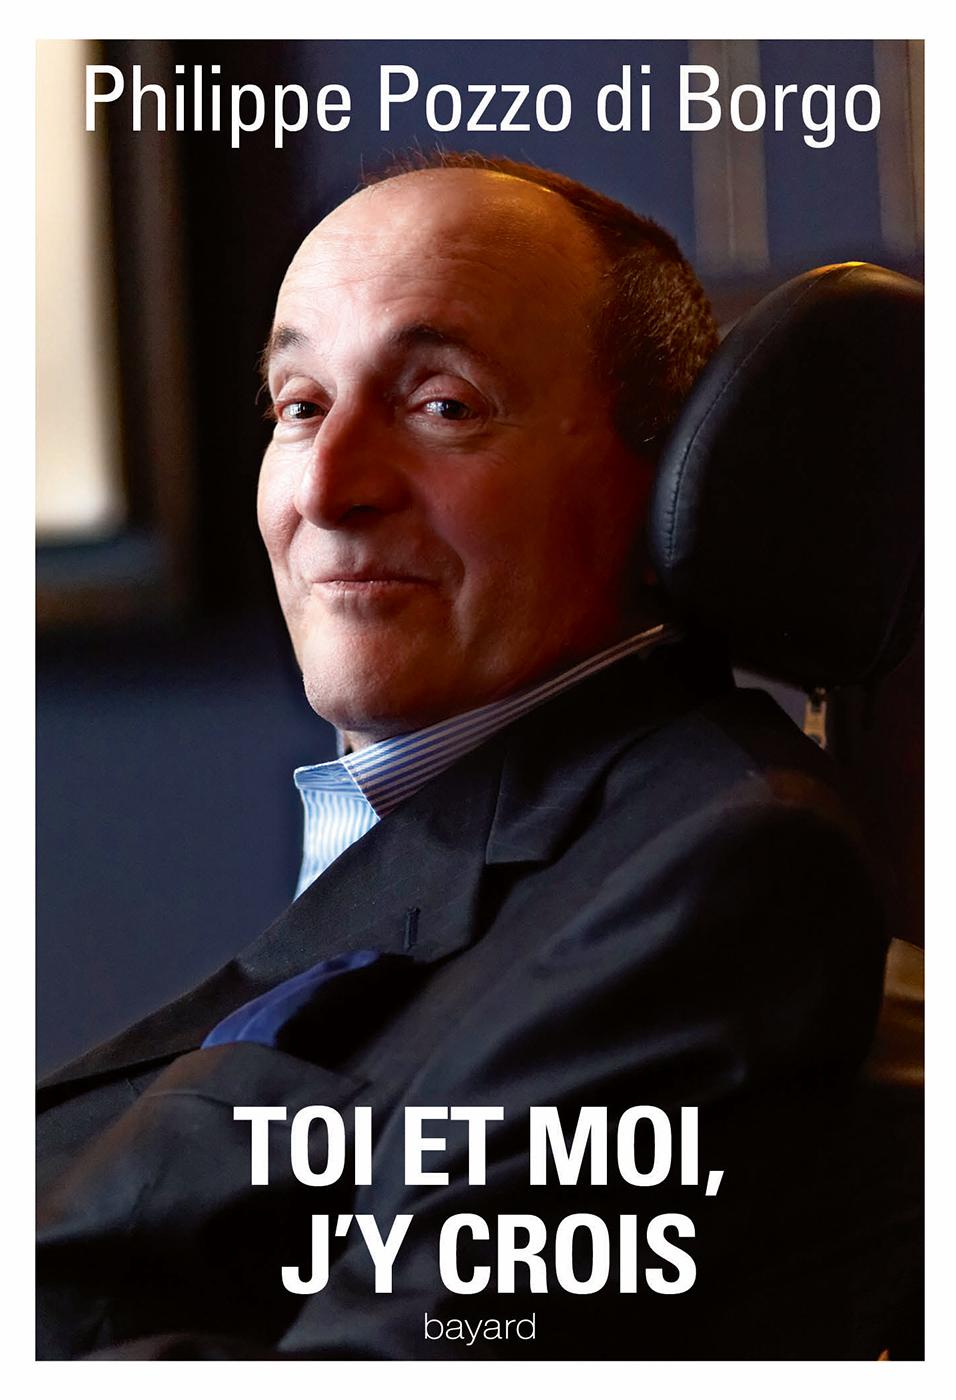 TOI ET MOI, J'Y CROIS